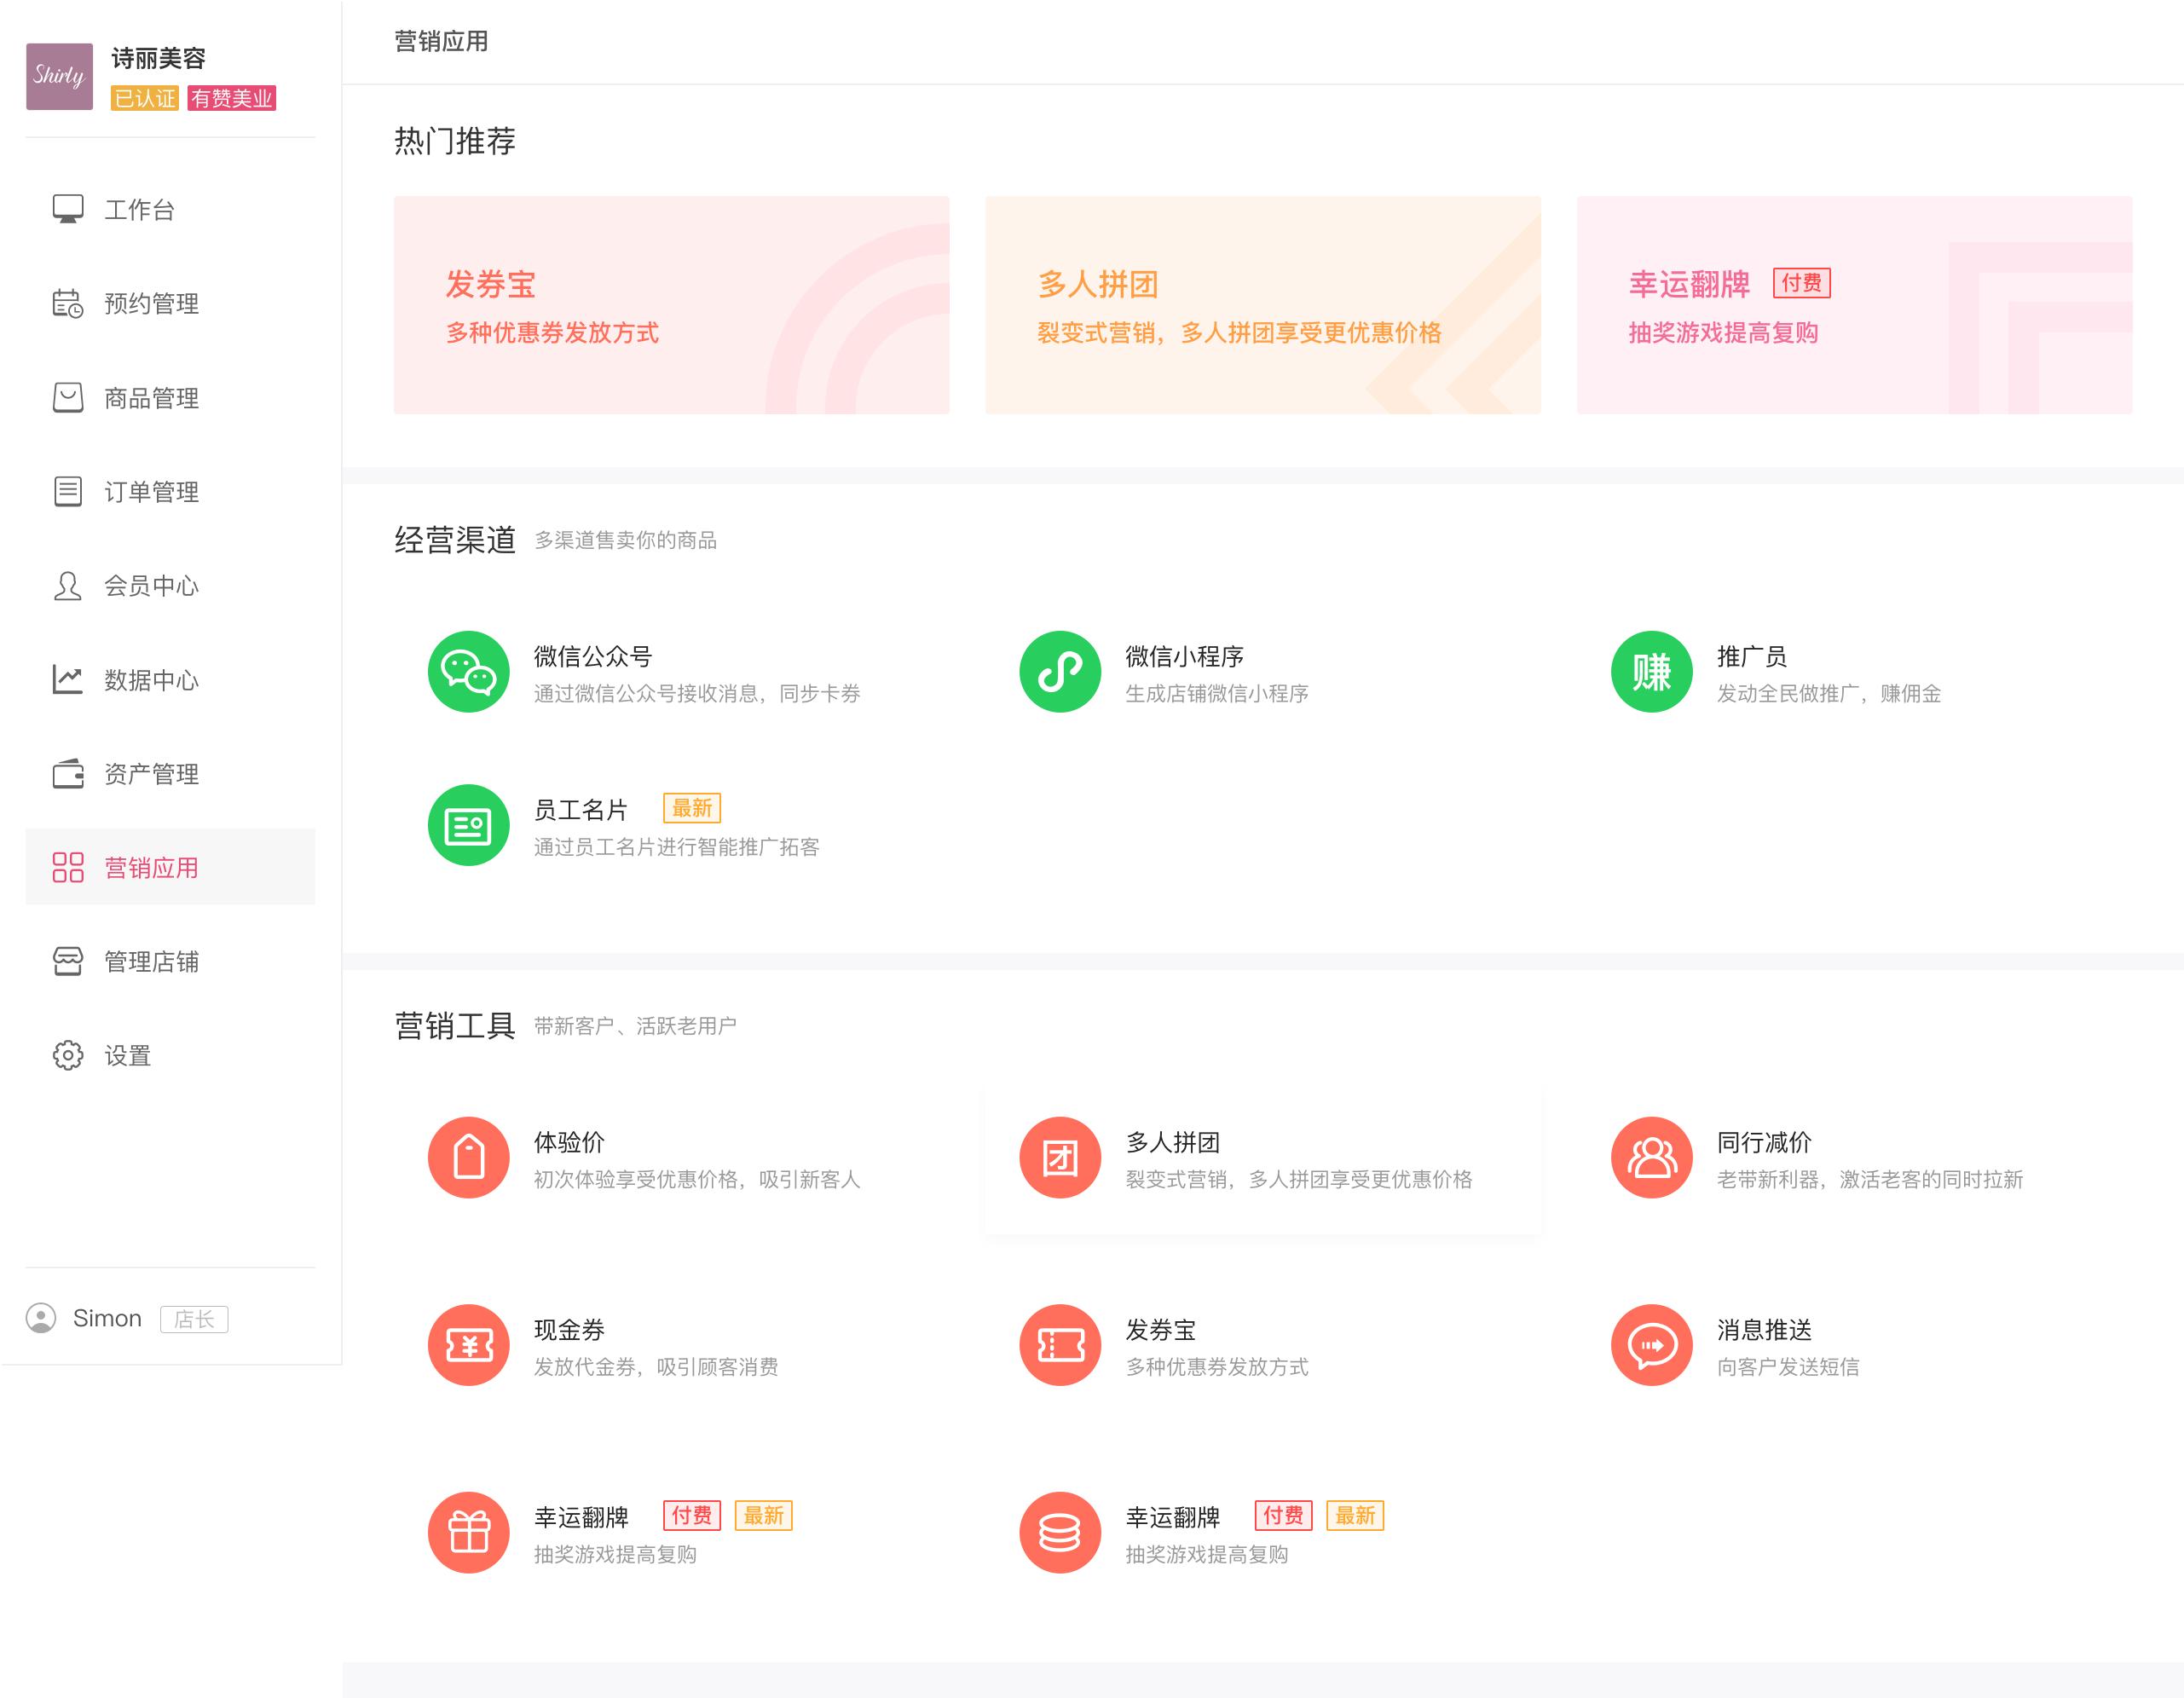 1-1 营销应用-员工名片.png